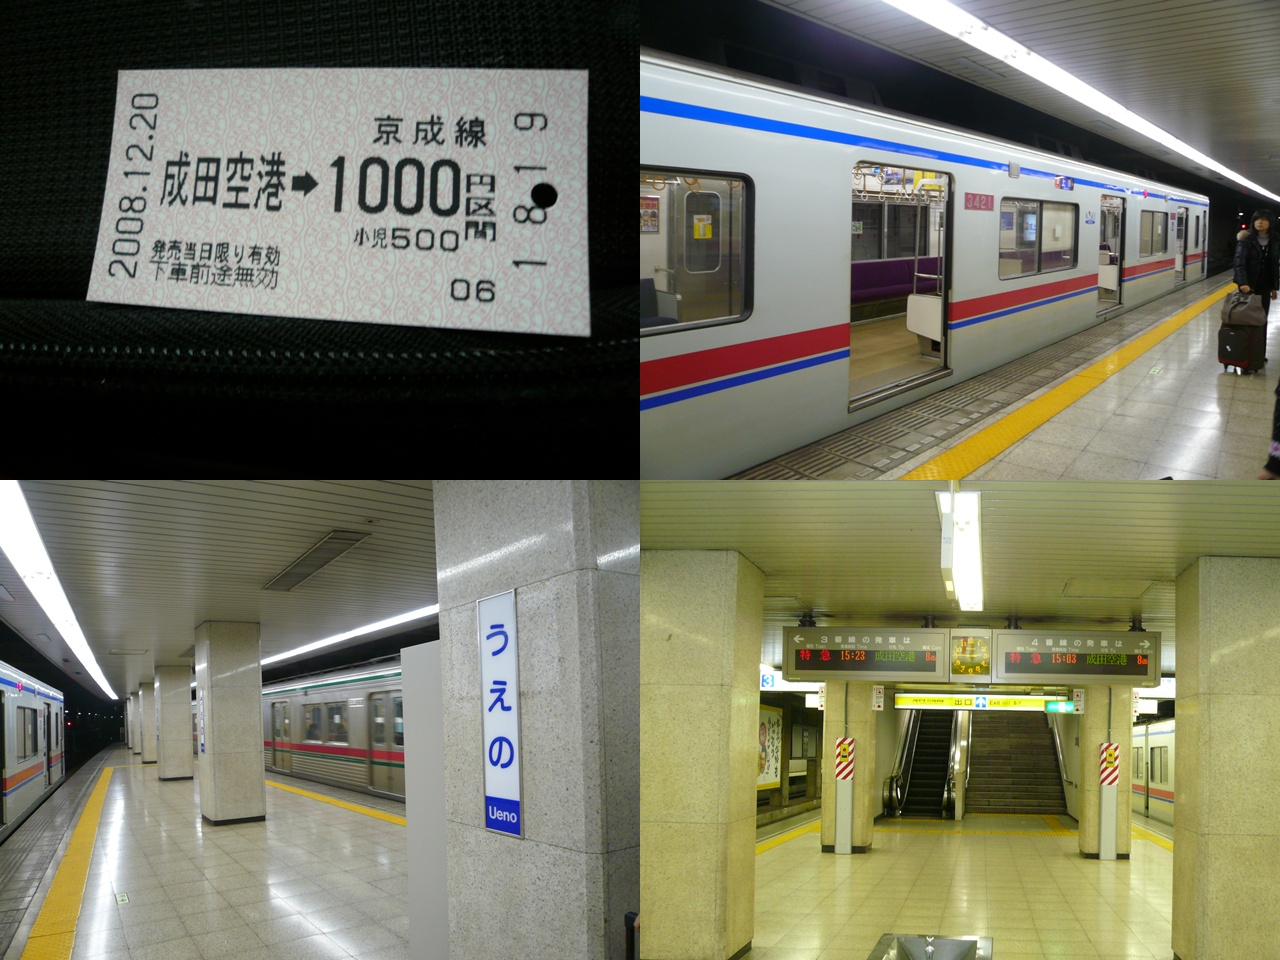 P1000920-tile.jpg